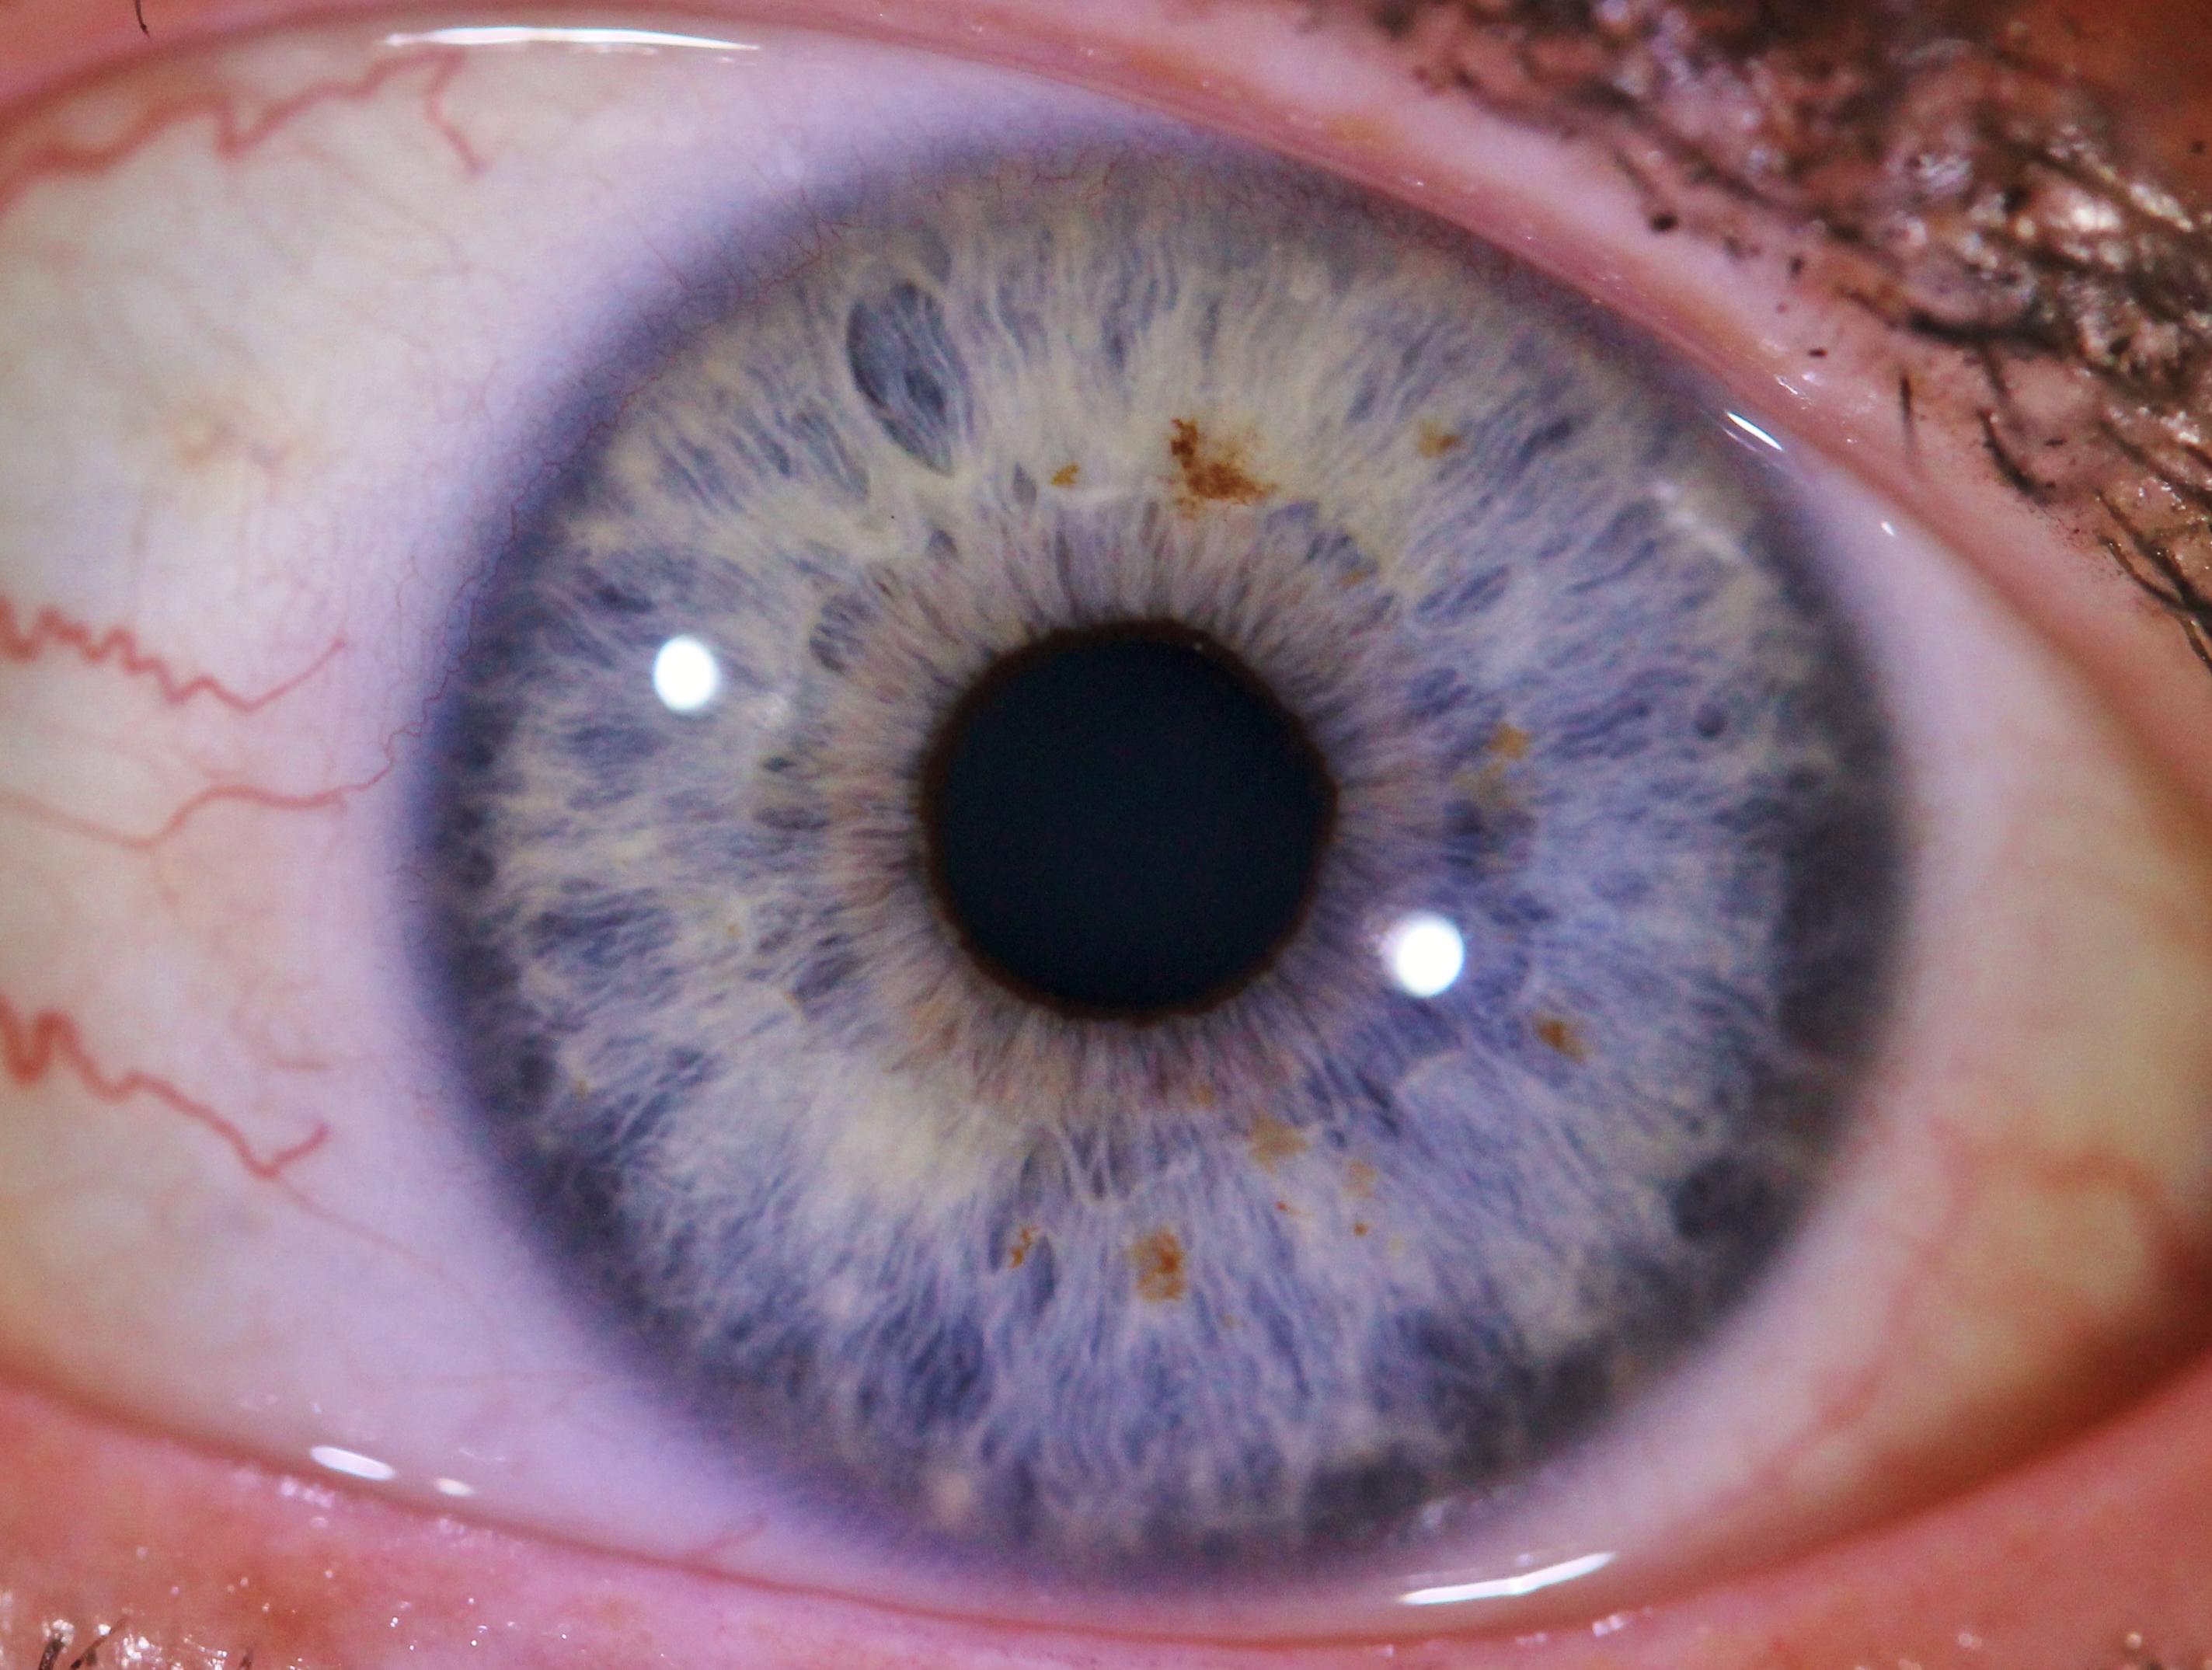 IRIDOLOGIE Déminéralisation, inflammation, acidification : comment l'iris parle